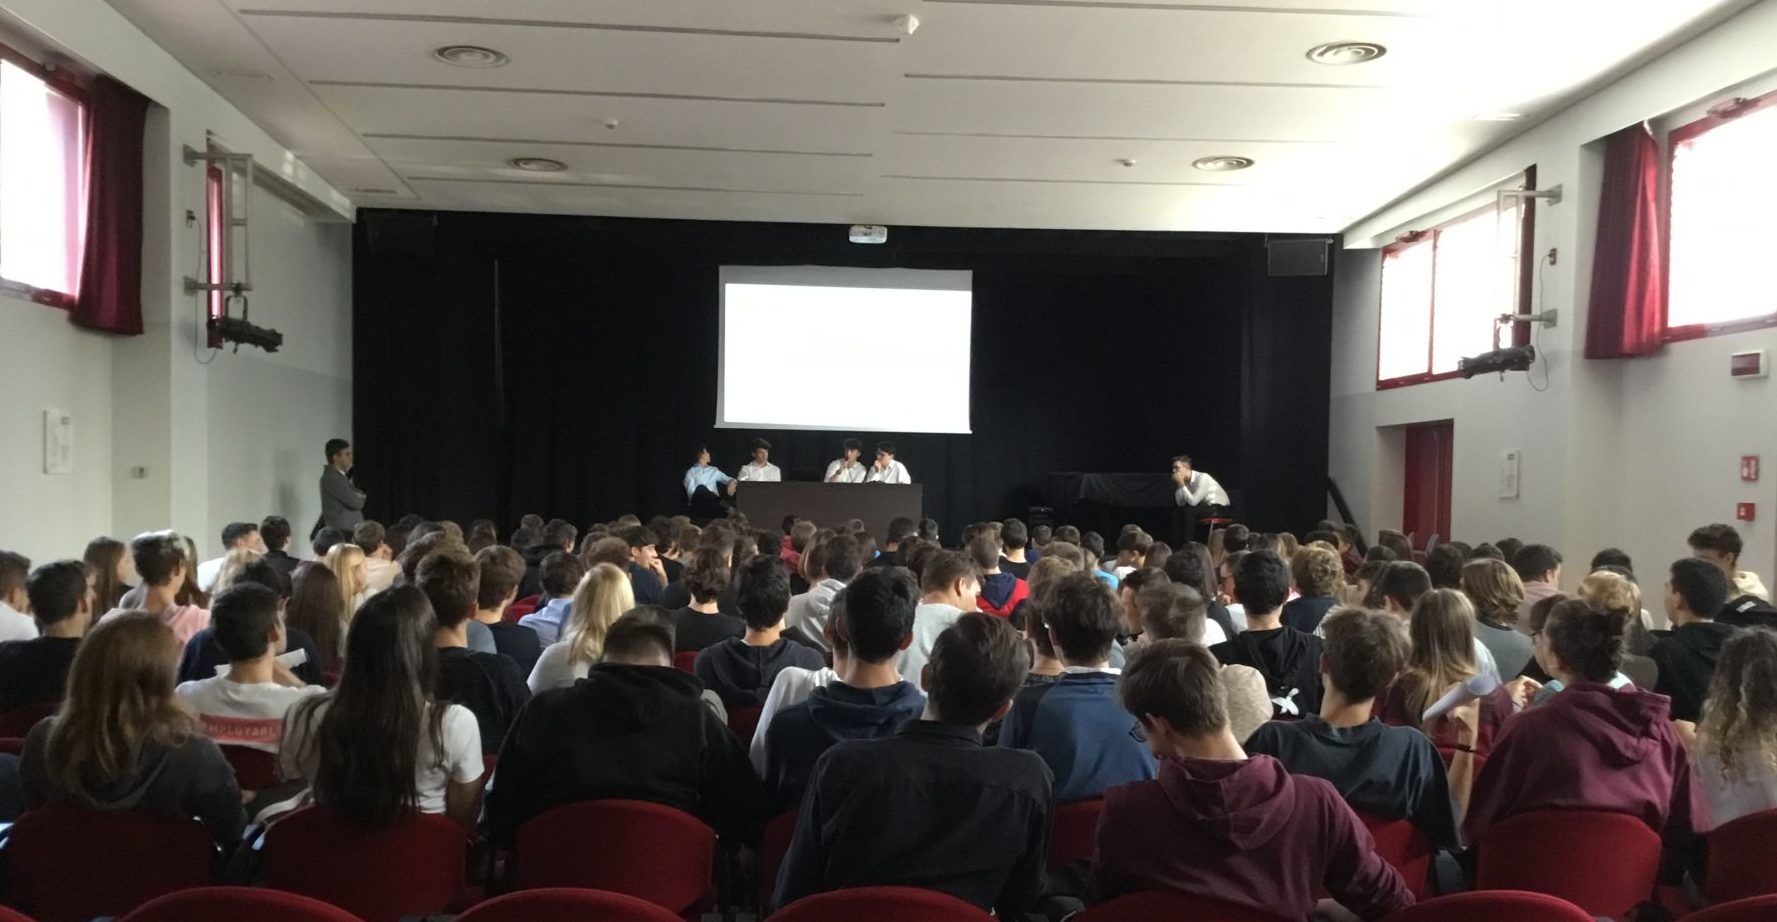 Elezioni dei rappresentanti degli studenti al Liceo Tirinnanzi